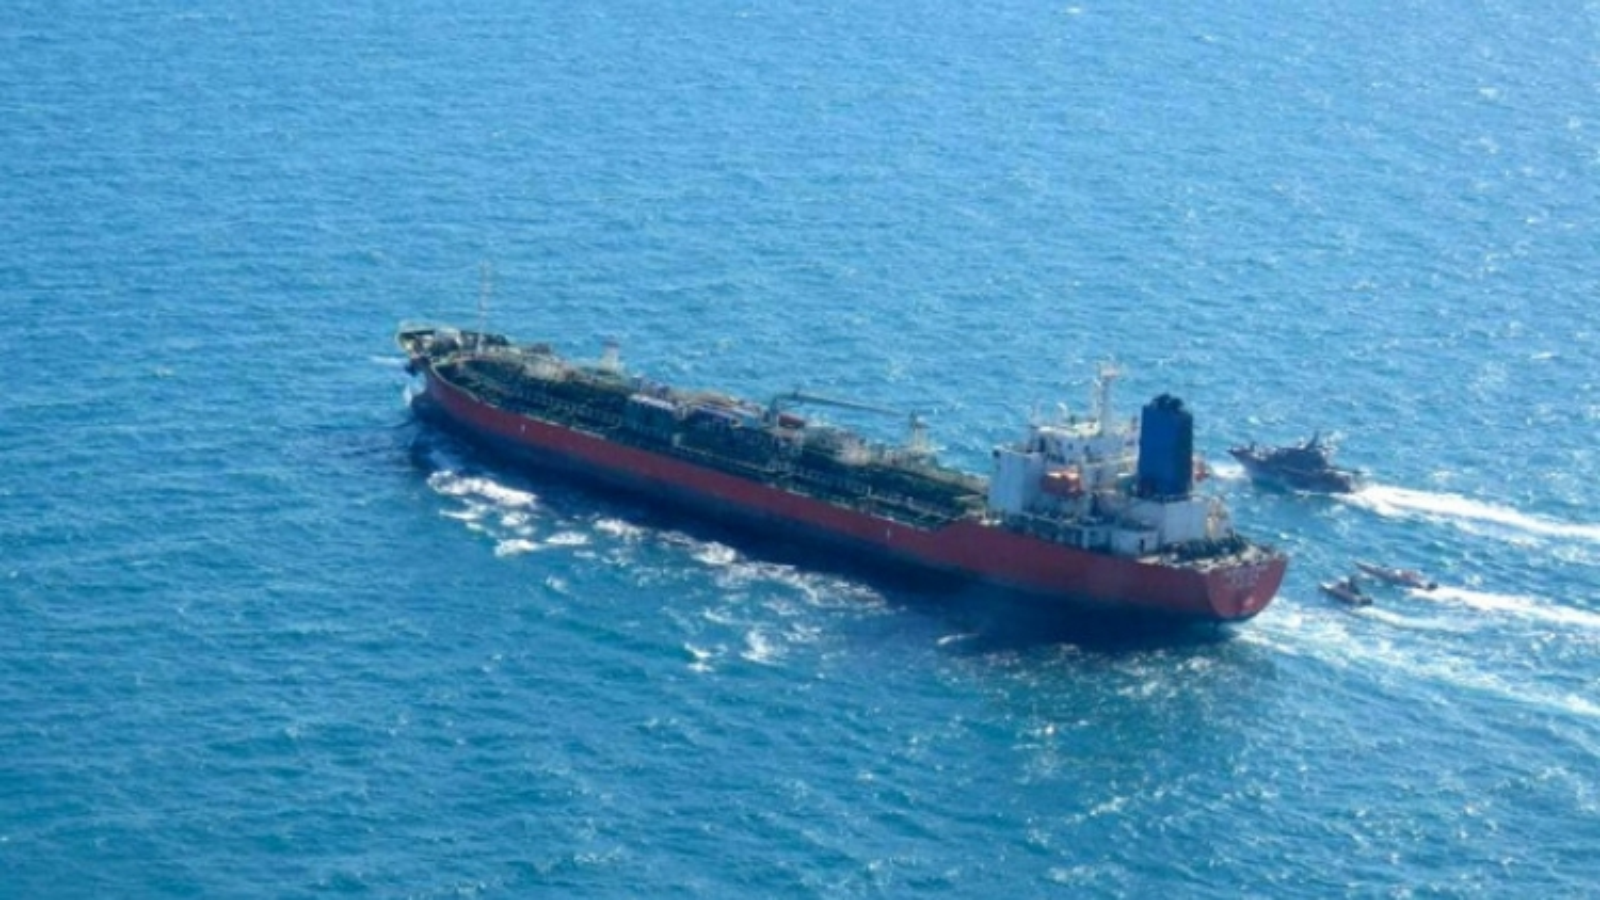 2 thuyền viên Việt trên tàu dầu bị Iran bắt hiện sức khỏe tốt, tinh thần ổn định